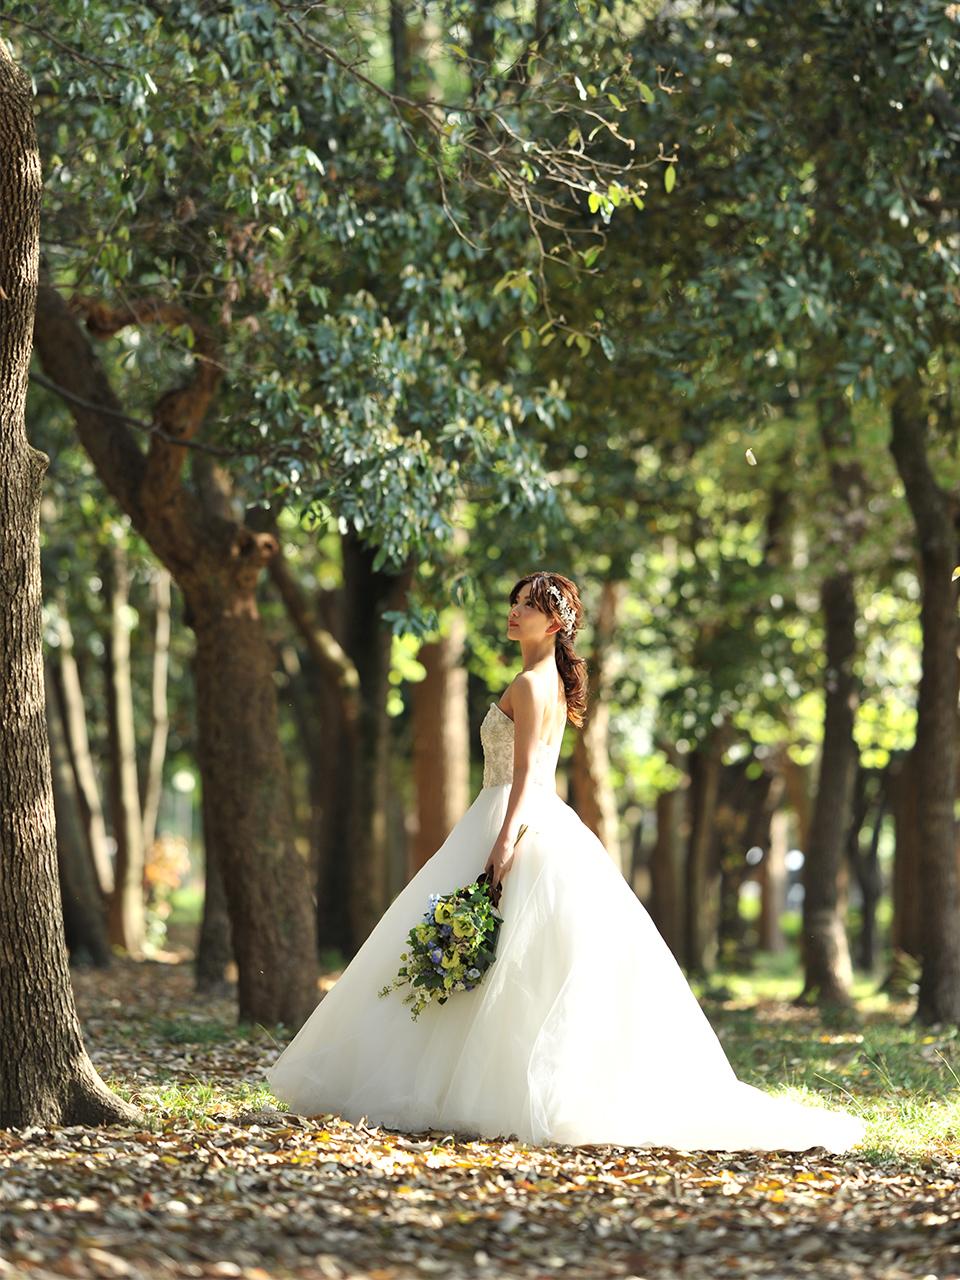 木の下でウェディングドレスでたたずむ花嫁